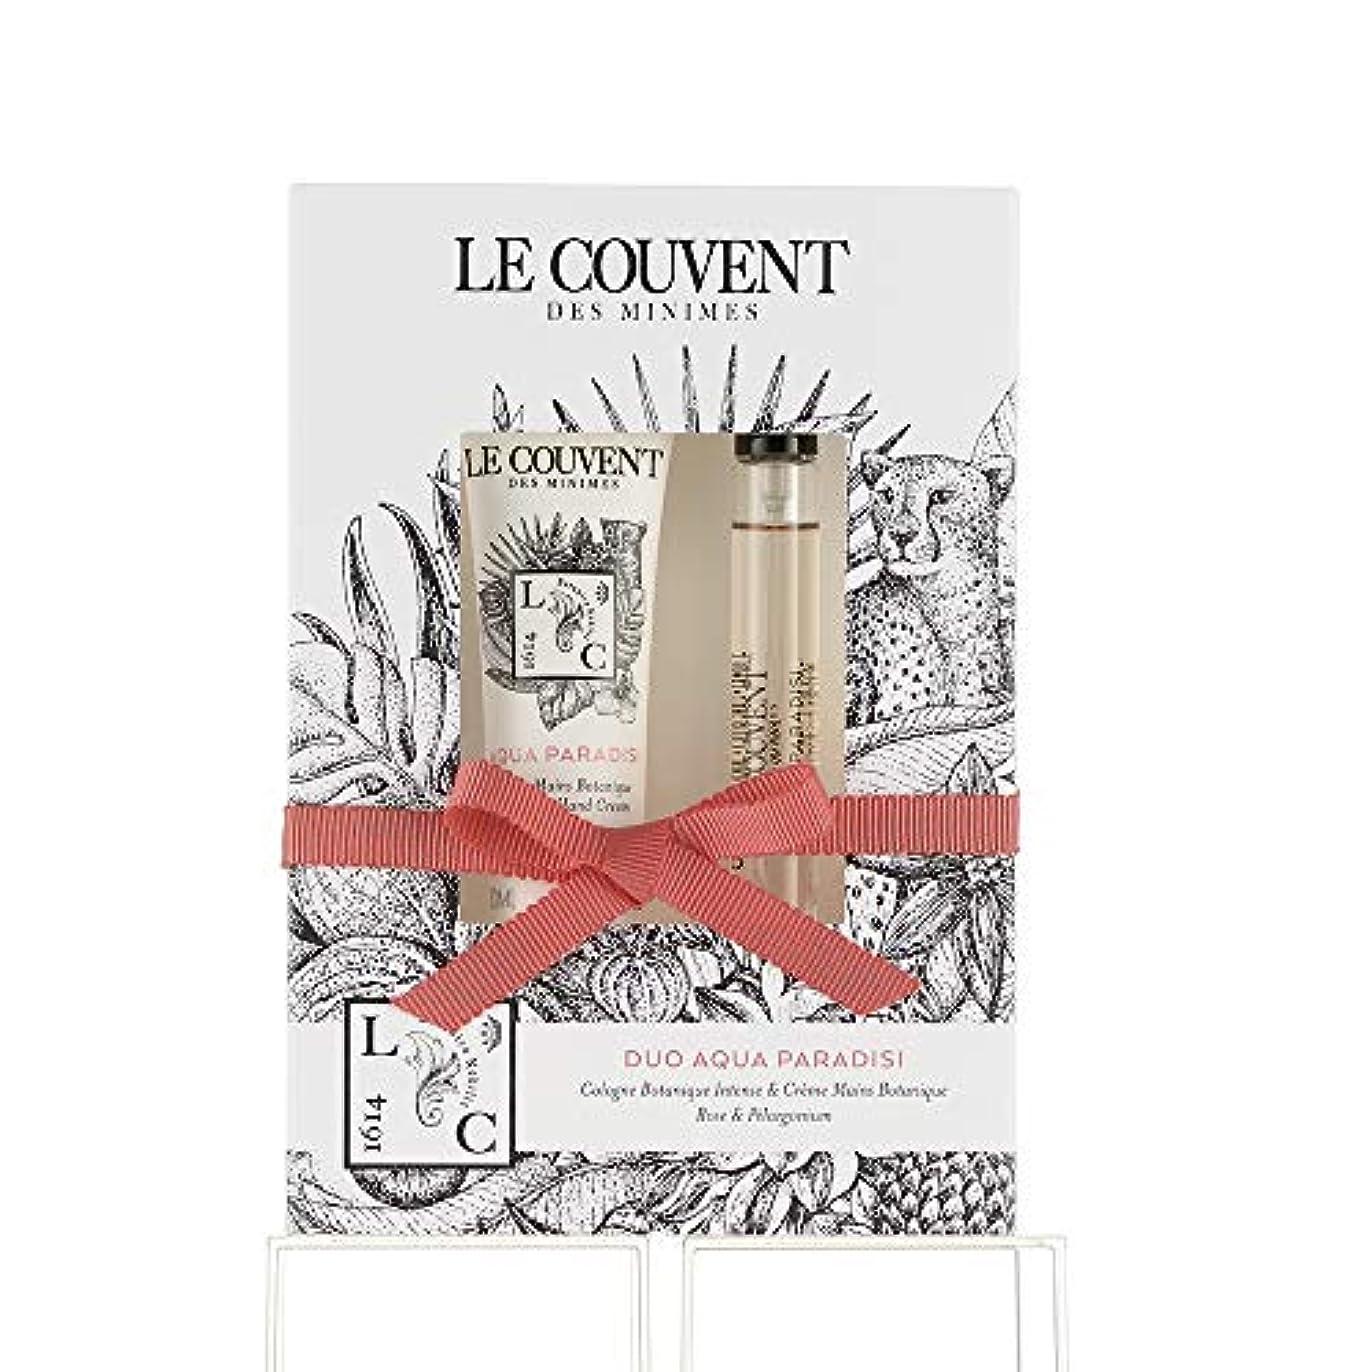 ペパーミントジョージエリオット植物学クヴォン?デ?ミニム(Le Couvent des Minimes) ボタニカルデュオ ボタニカルコロン アクアパラディシ10mL×1、アクアパラディシ ハンドクリーム30g×1